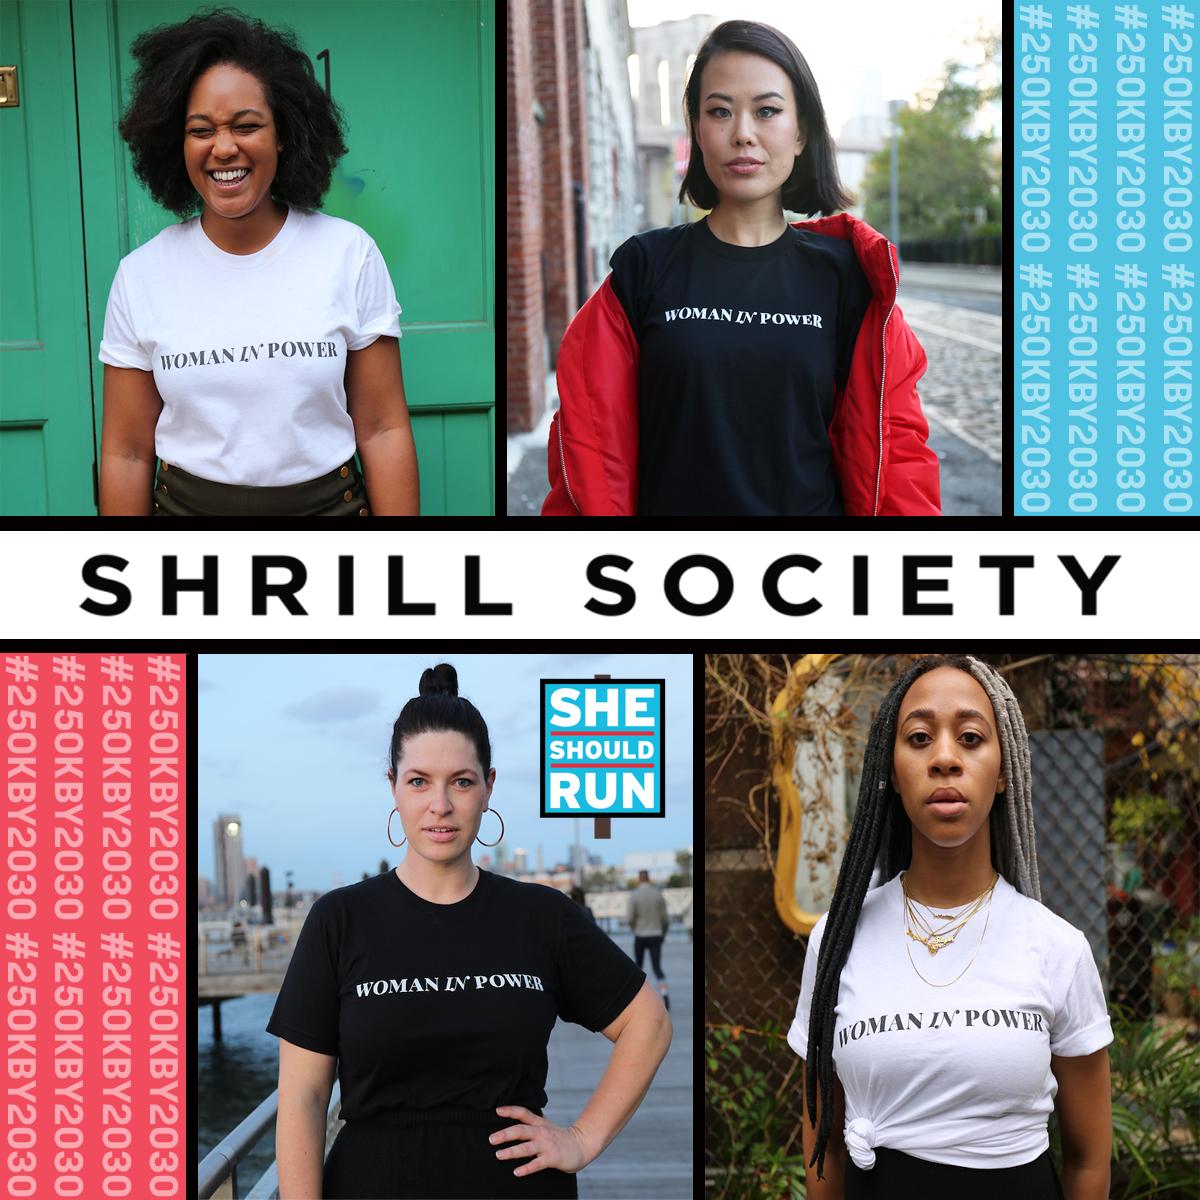 Shrill_Society.jpg